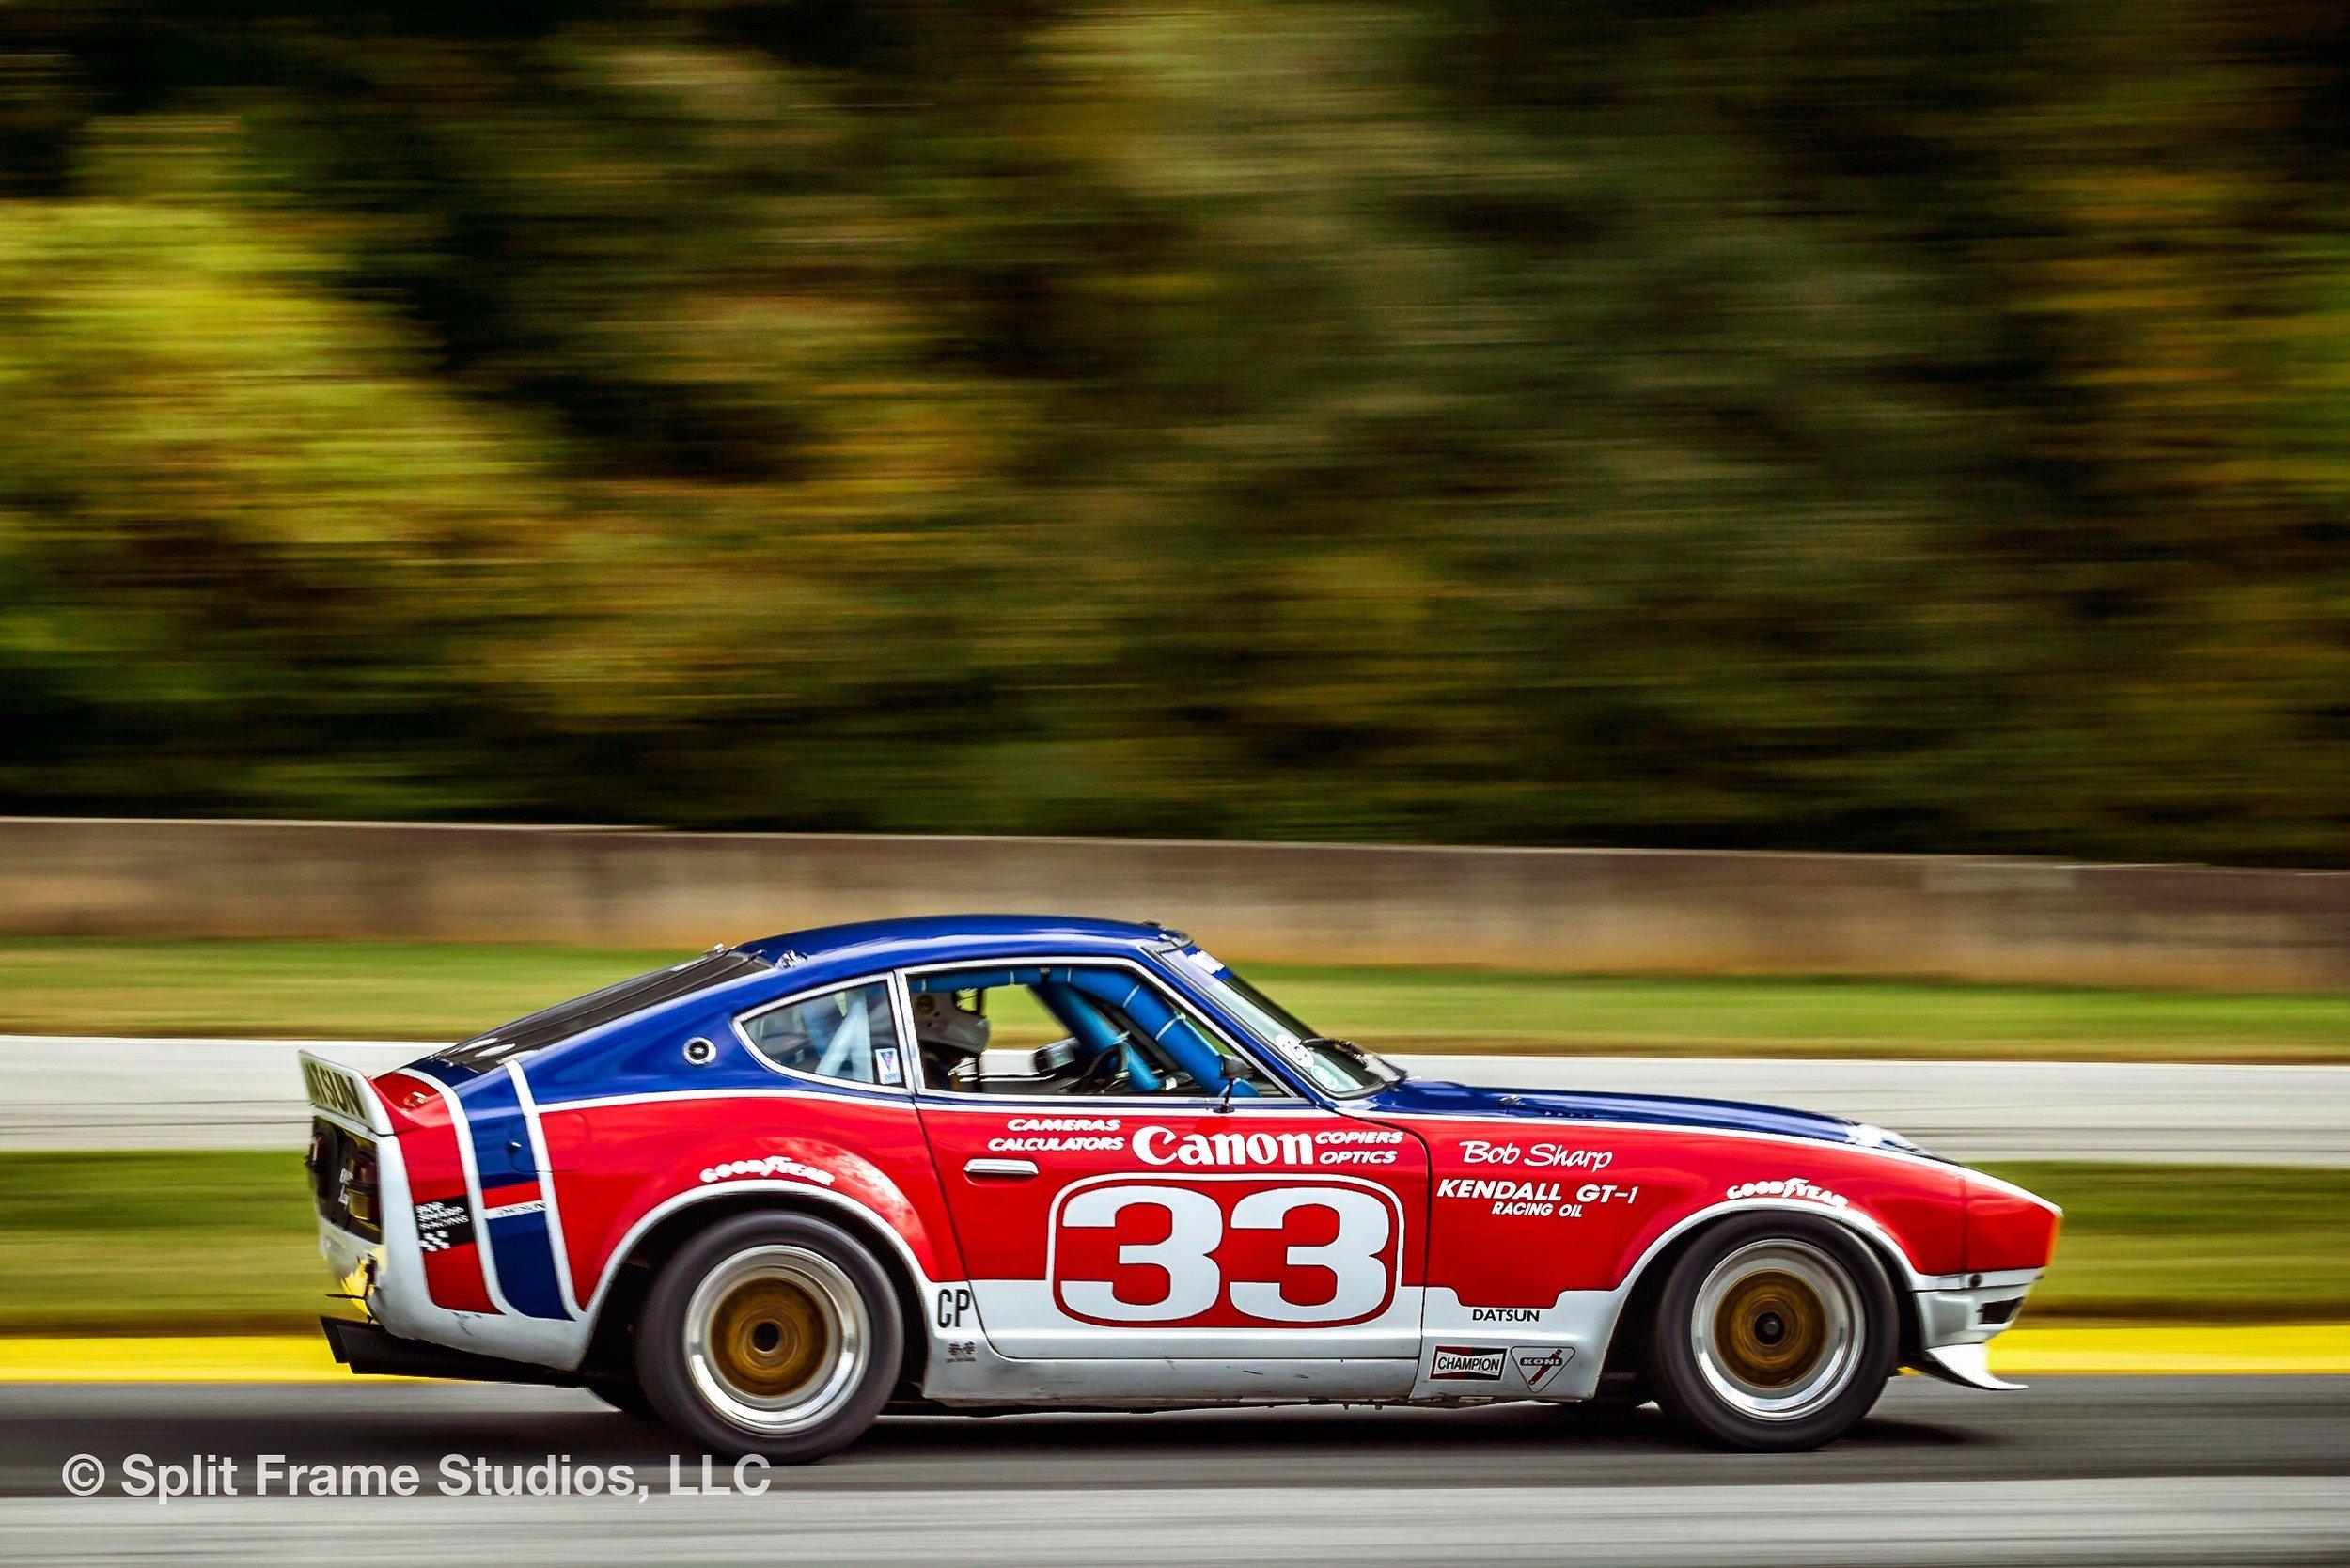 Datsun Race Cars